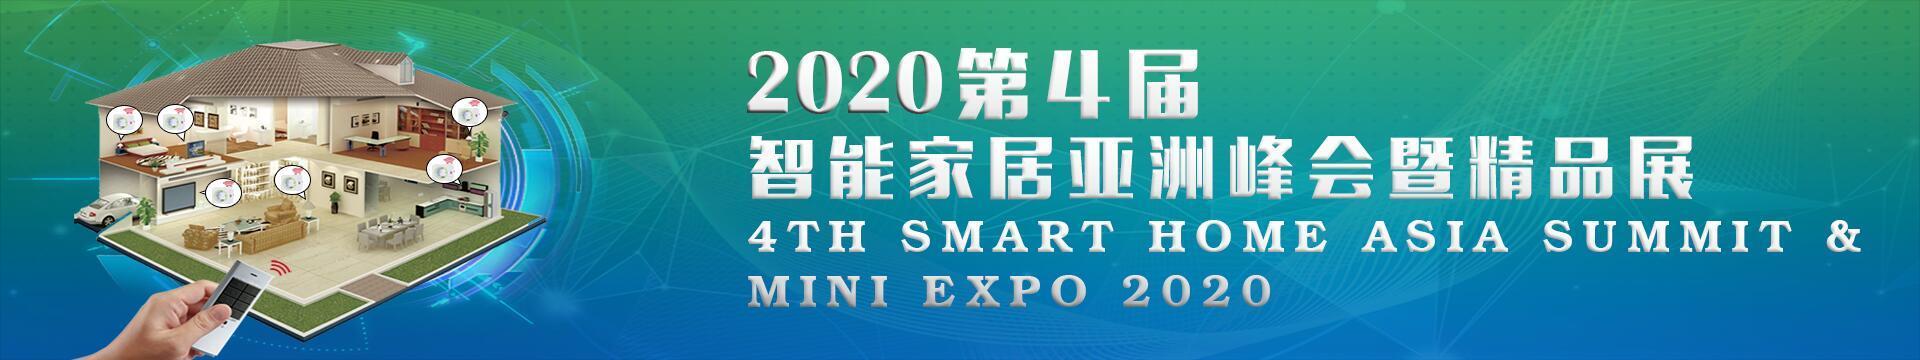 2020第4届智能家居亚洲峰会暨精品展(上海)